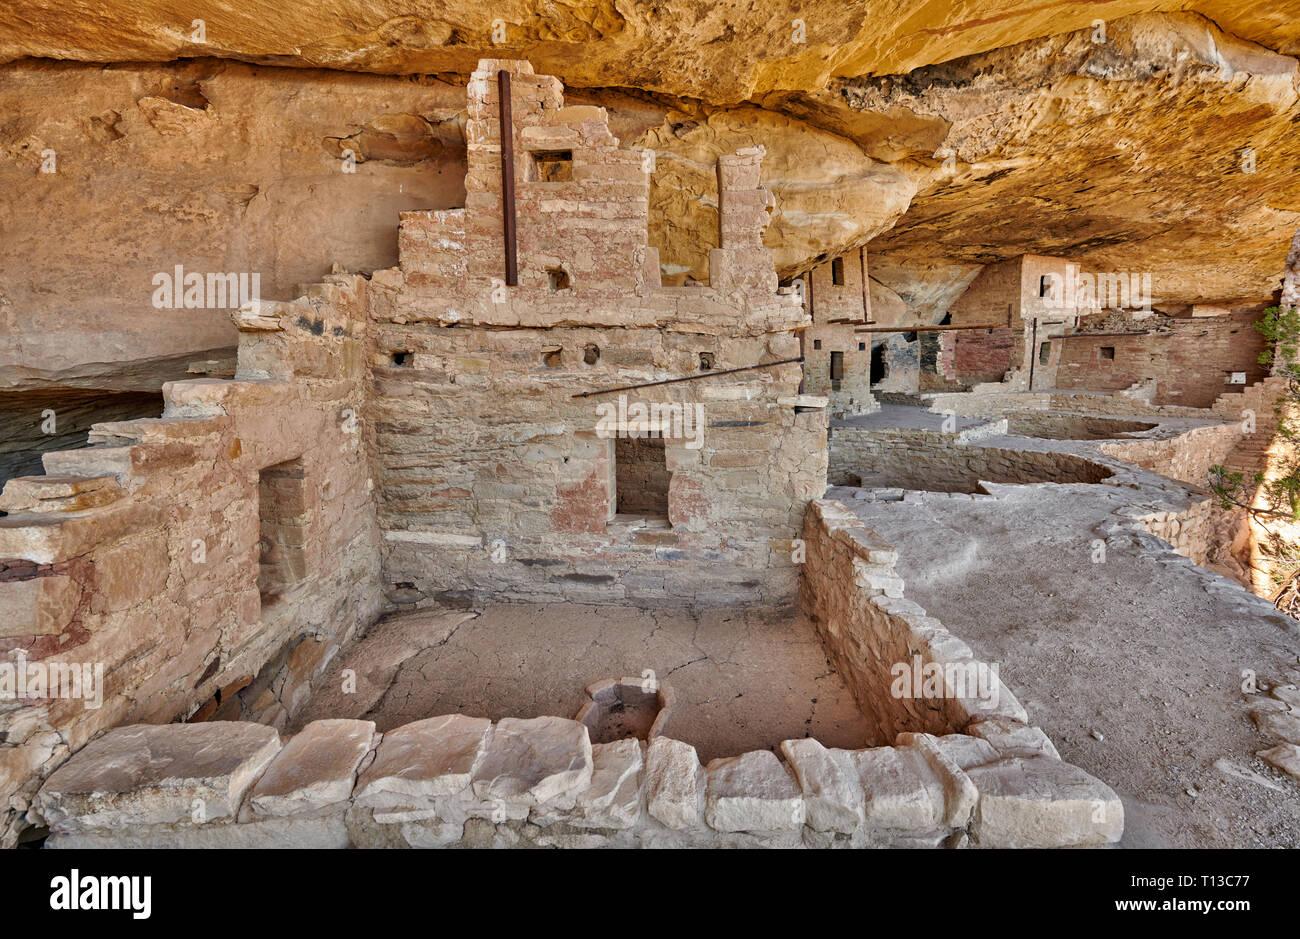 Balcony House, Cliff dwellings in Mesa-Verde-National Park, UNESCO World Heritage site, Colorado, USA, Amérique du Nord Banque D'Images